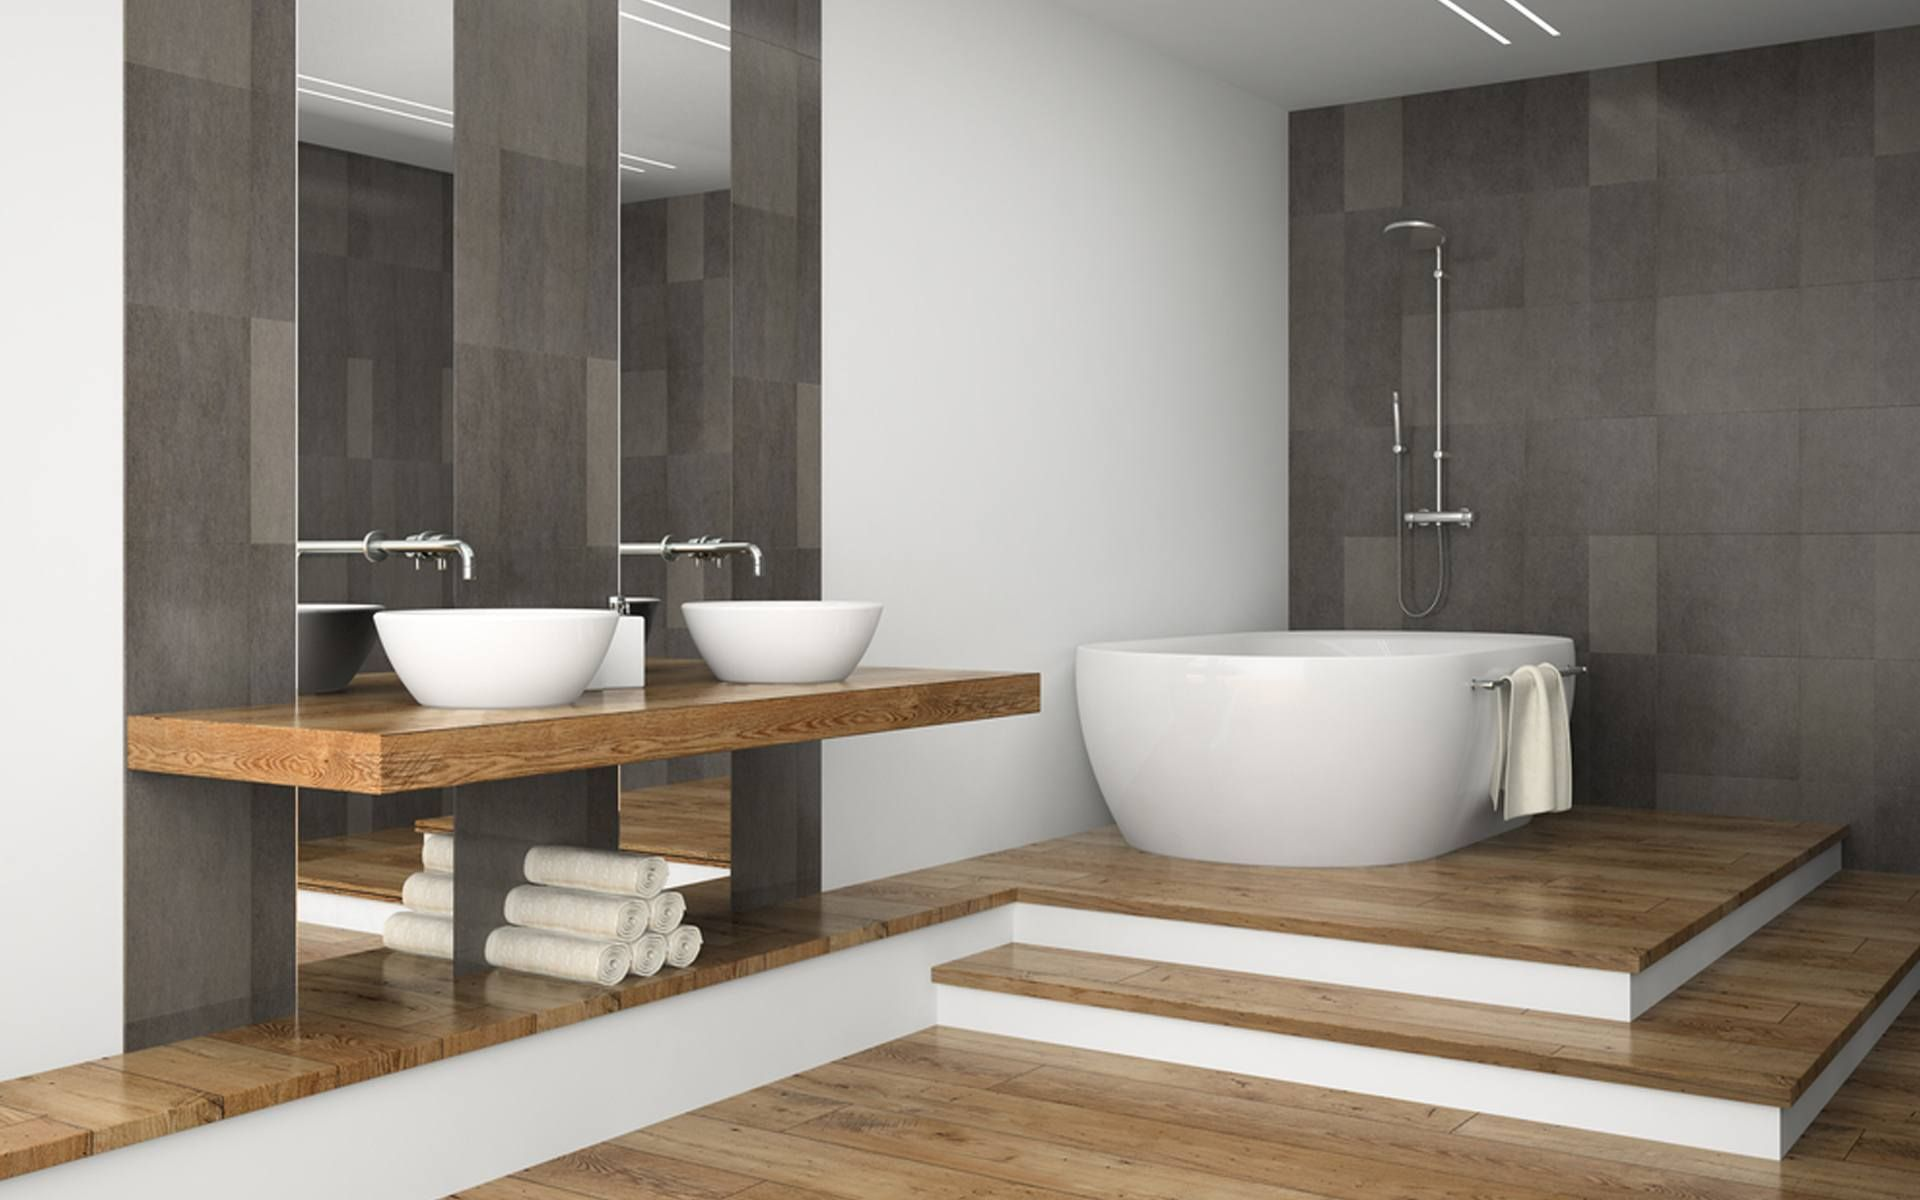 Afbeeldingsresultaat voor inspiratie badkamer landelijk modern